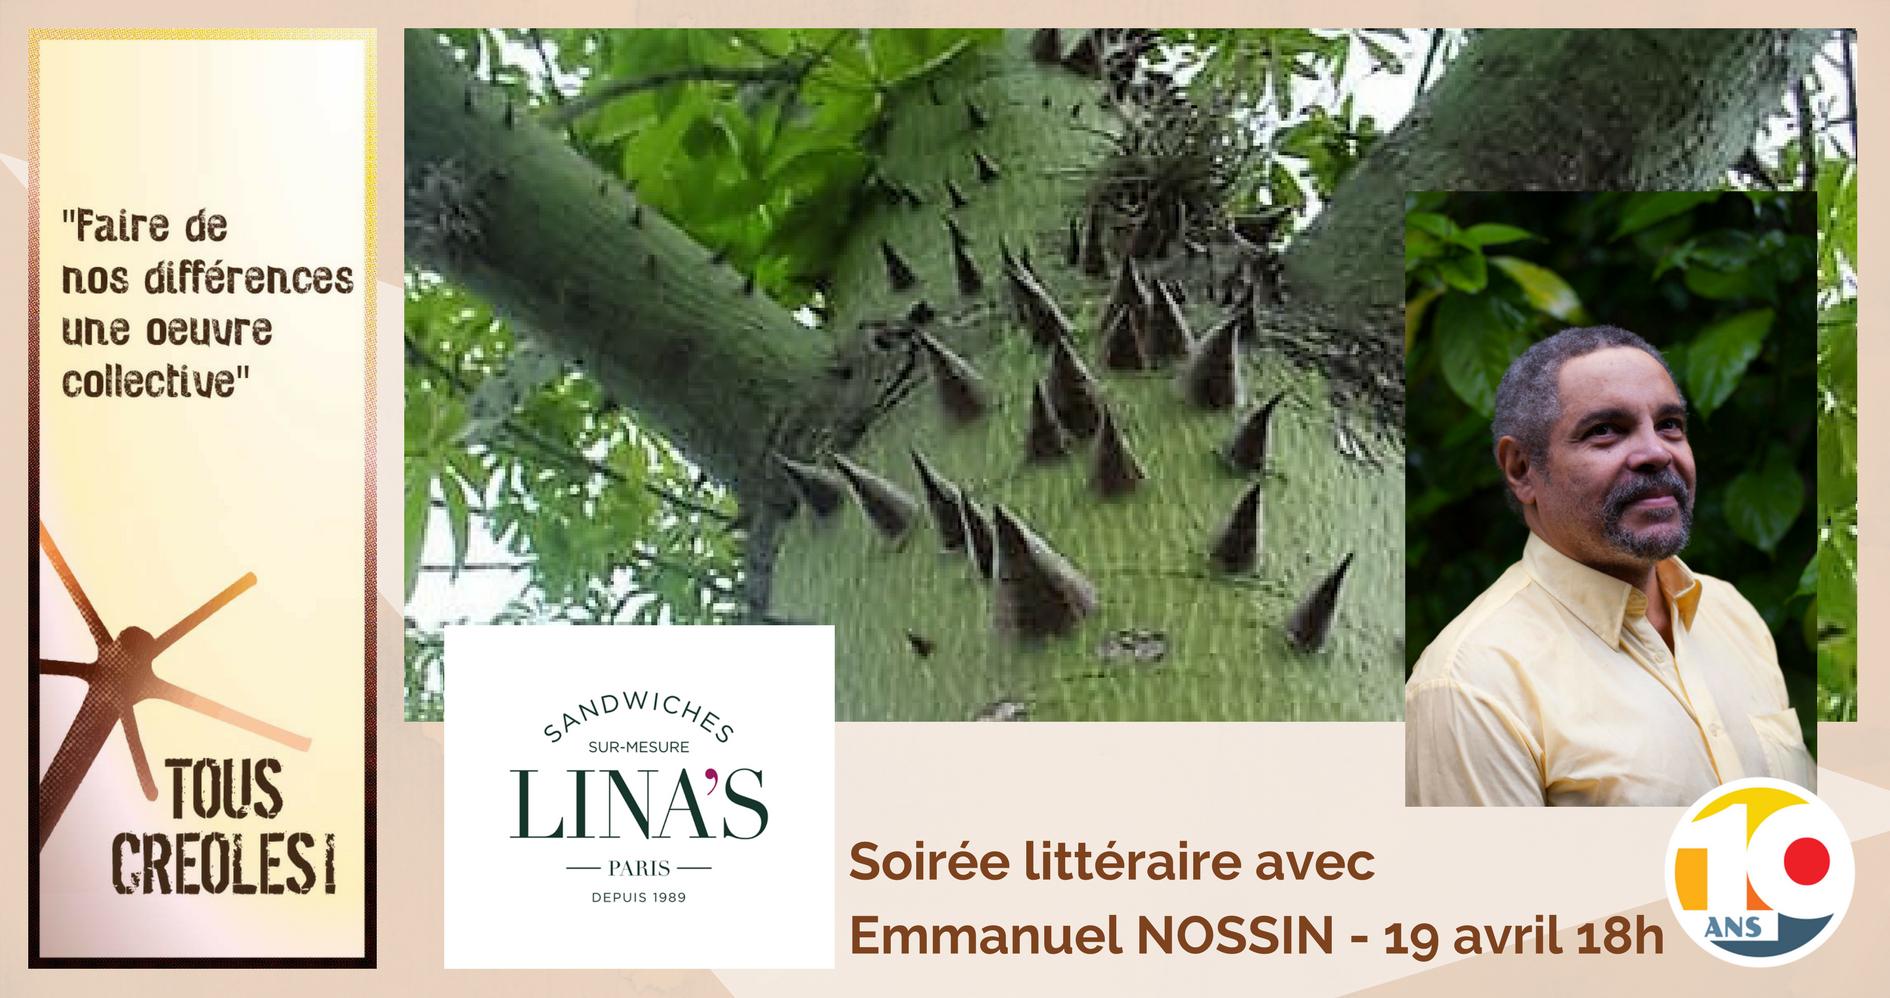 Soirée littéraire Tous Créoles Martinique Emmanuel NOSSIN - plantes médiatrices de la Martinique